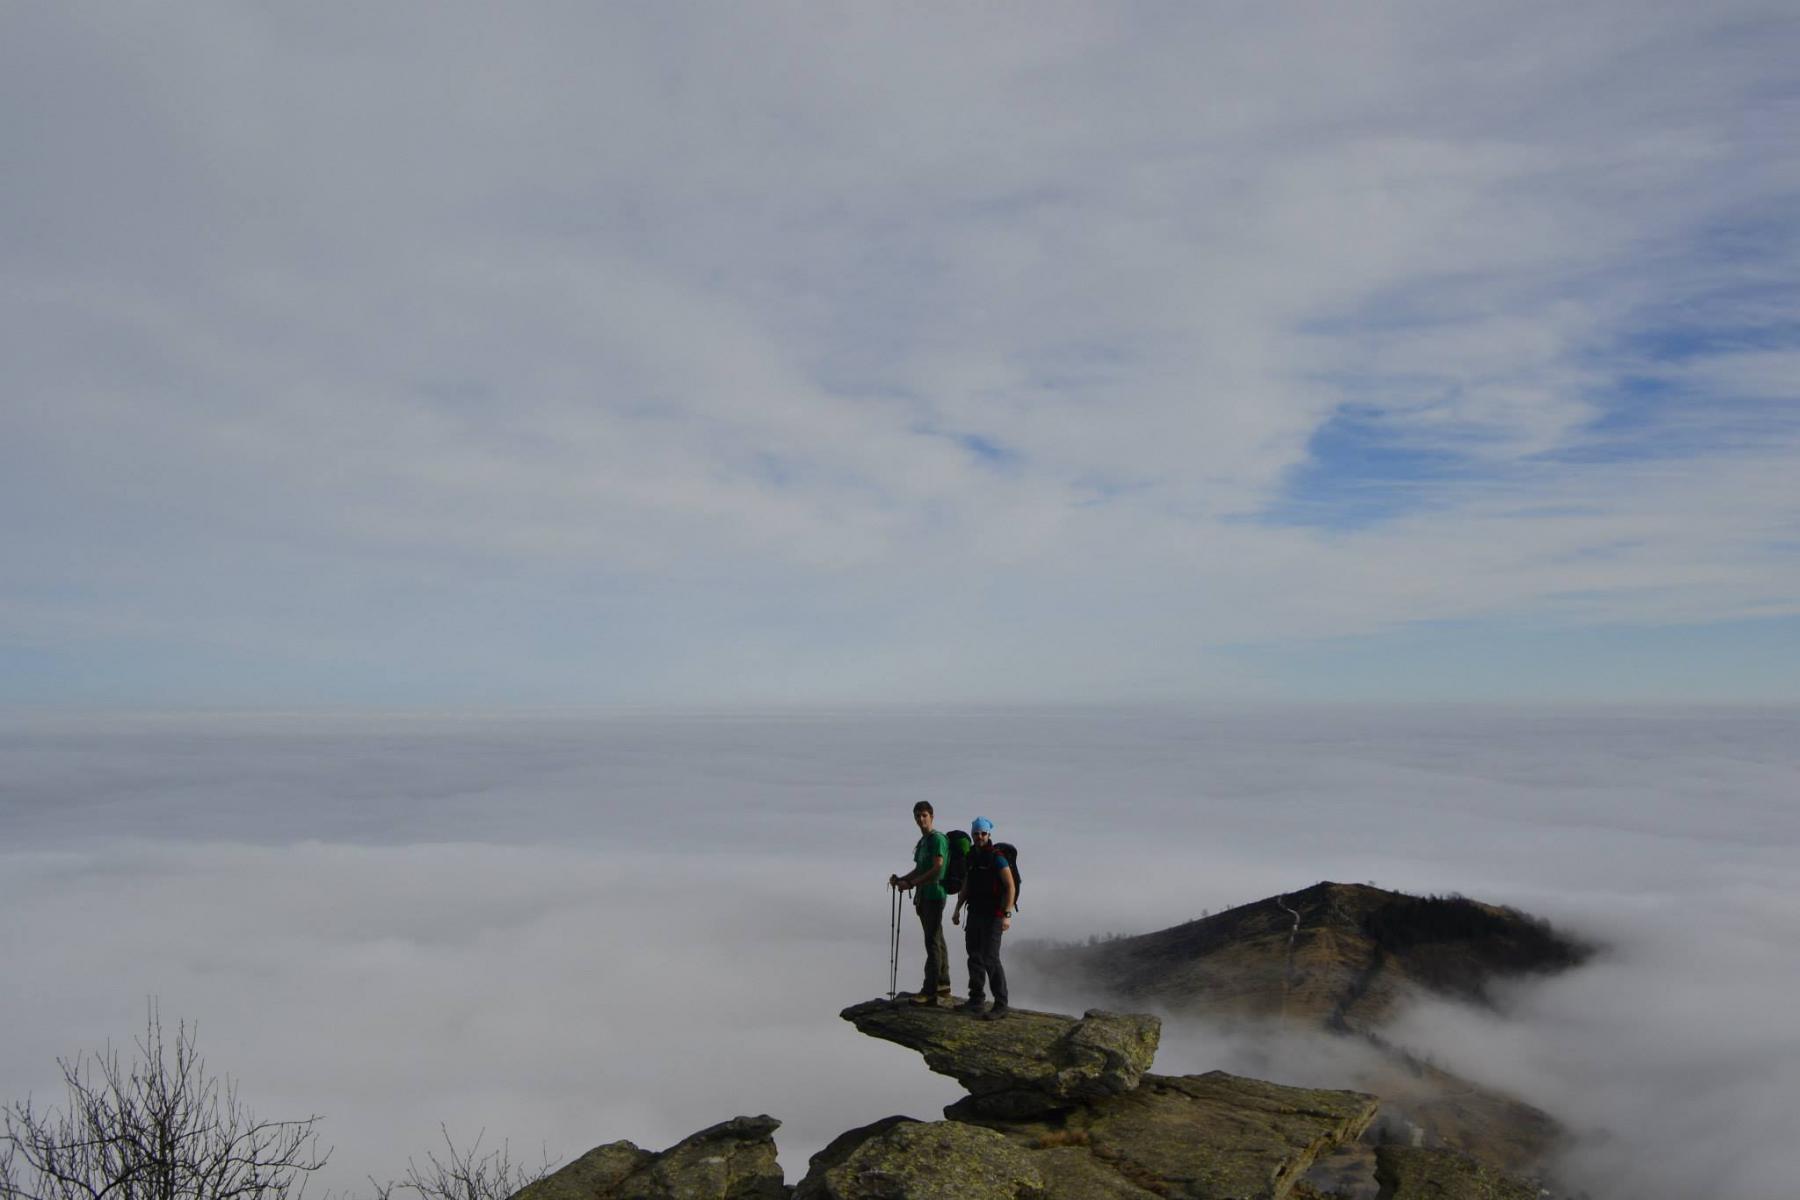 Il caratteristico pietrone sospeso.. dietro di noi la pianura sotto la nebbia